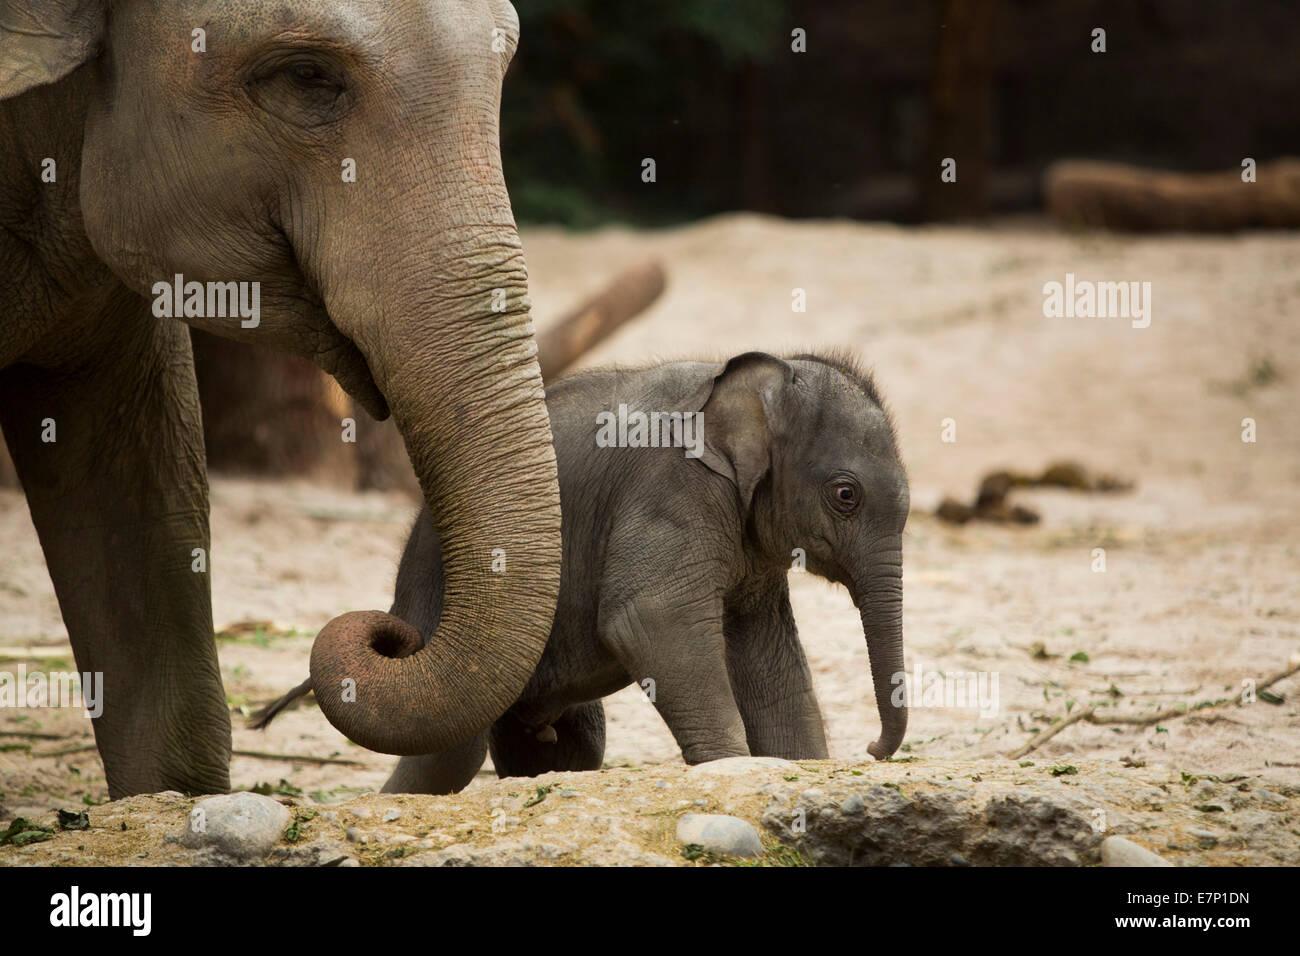 Les animaux, les éléphants, les jeunes, l'éléphant, le zoo de Zurich, animaux, animal, zoo, Photo Stock